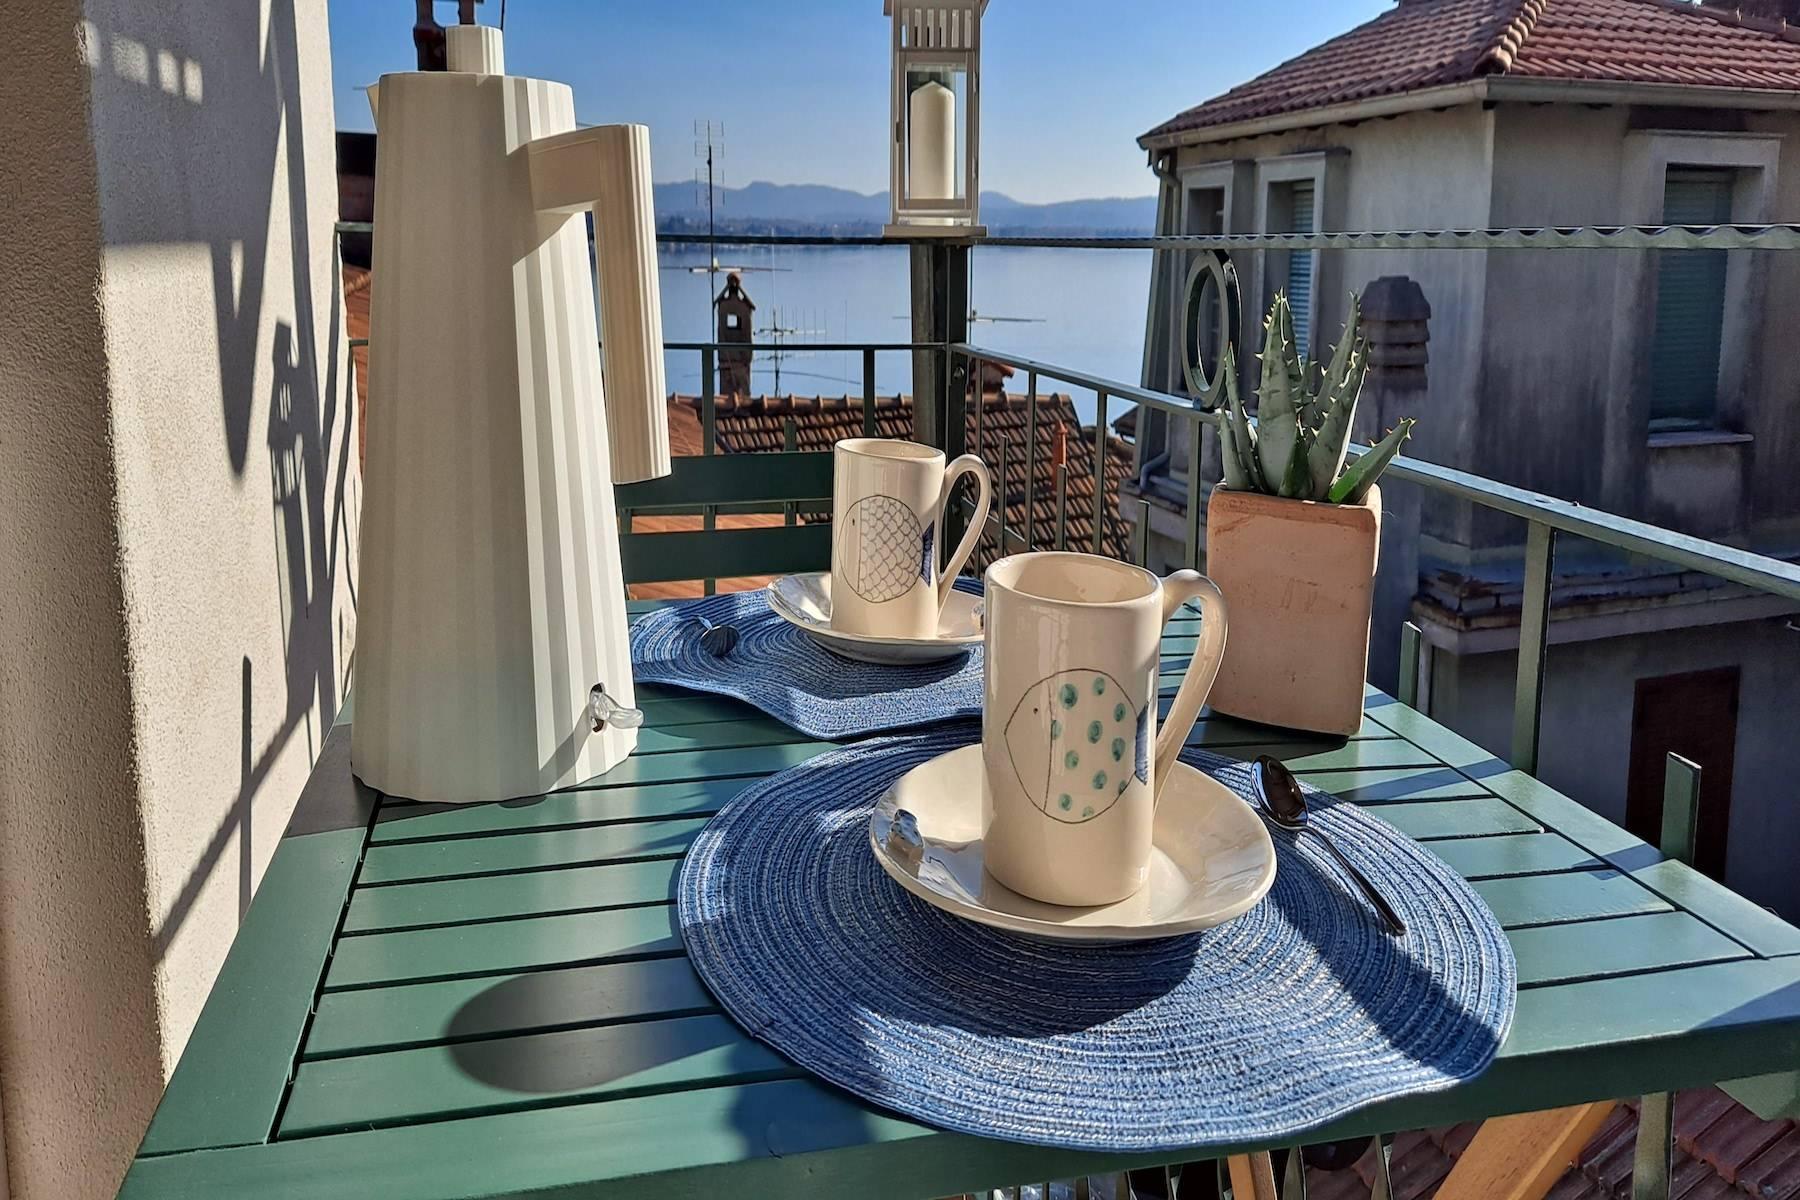 Appartamento accogliente a Belgirate con vista sul Lago Maggiore - 1